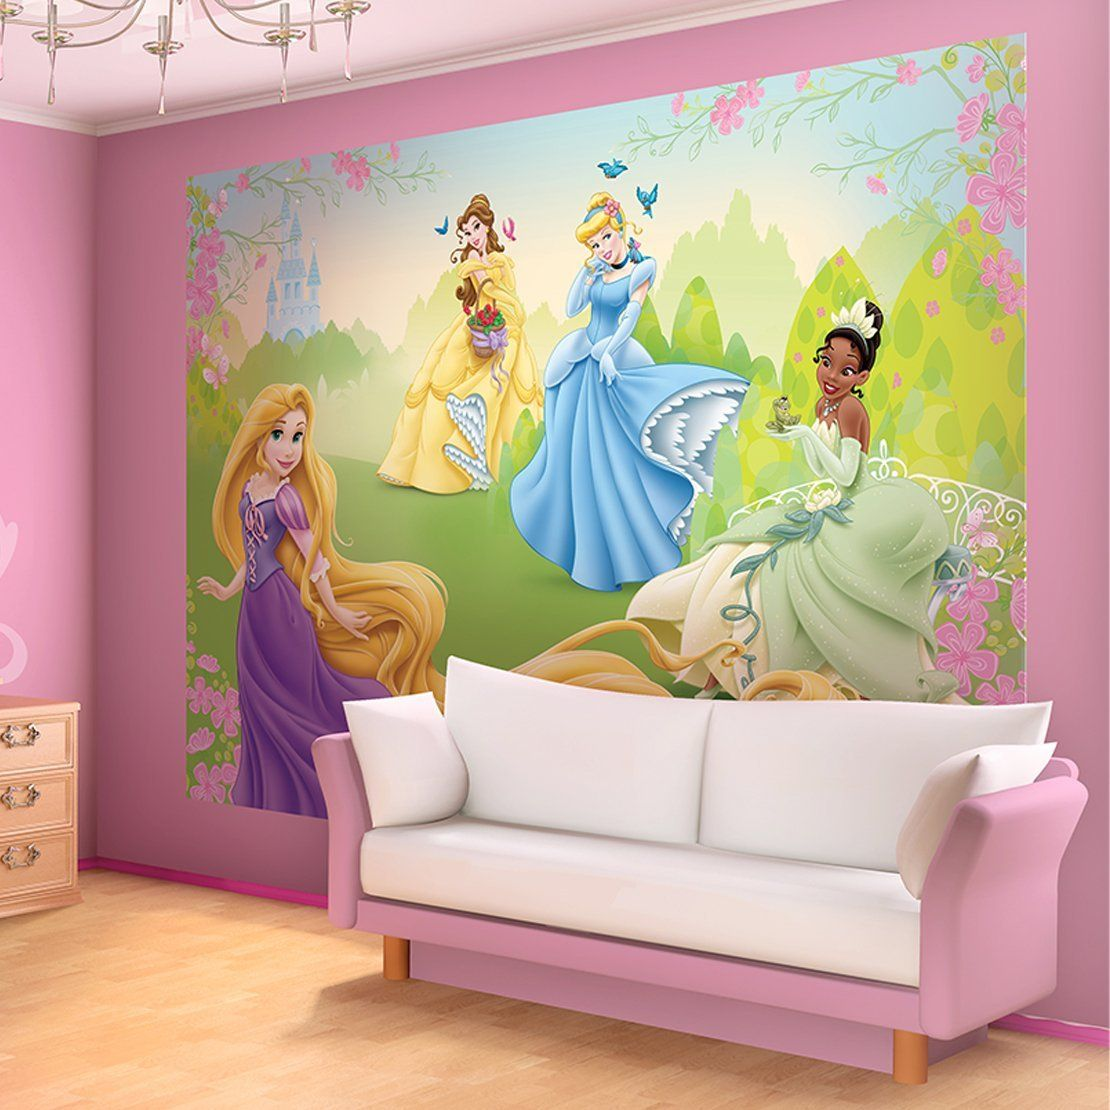 Disney Princesses Meadow Wallpaper Mural